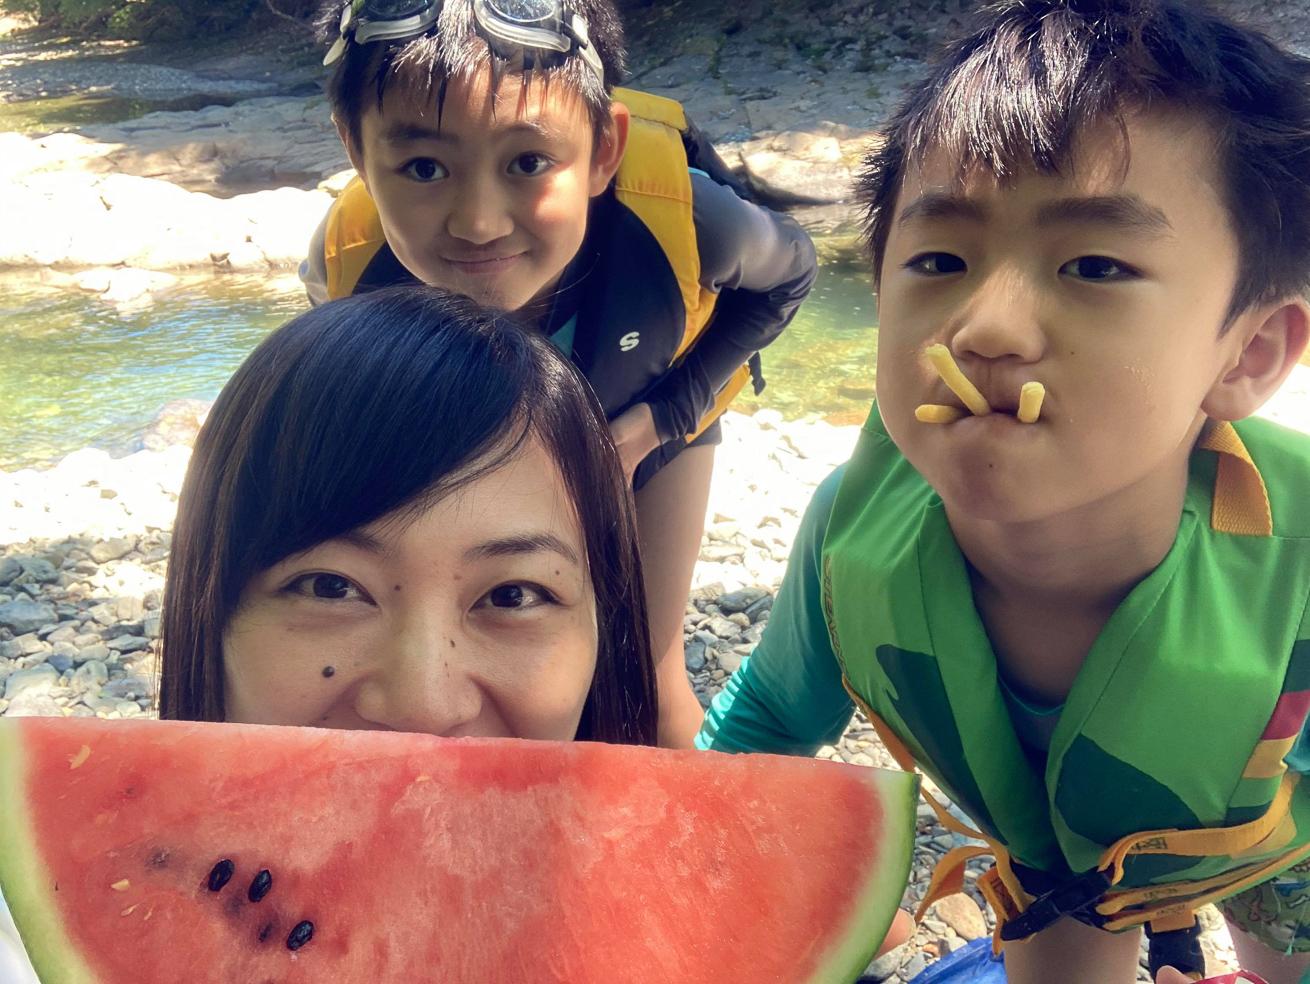 川本さんとお子さん達との写真